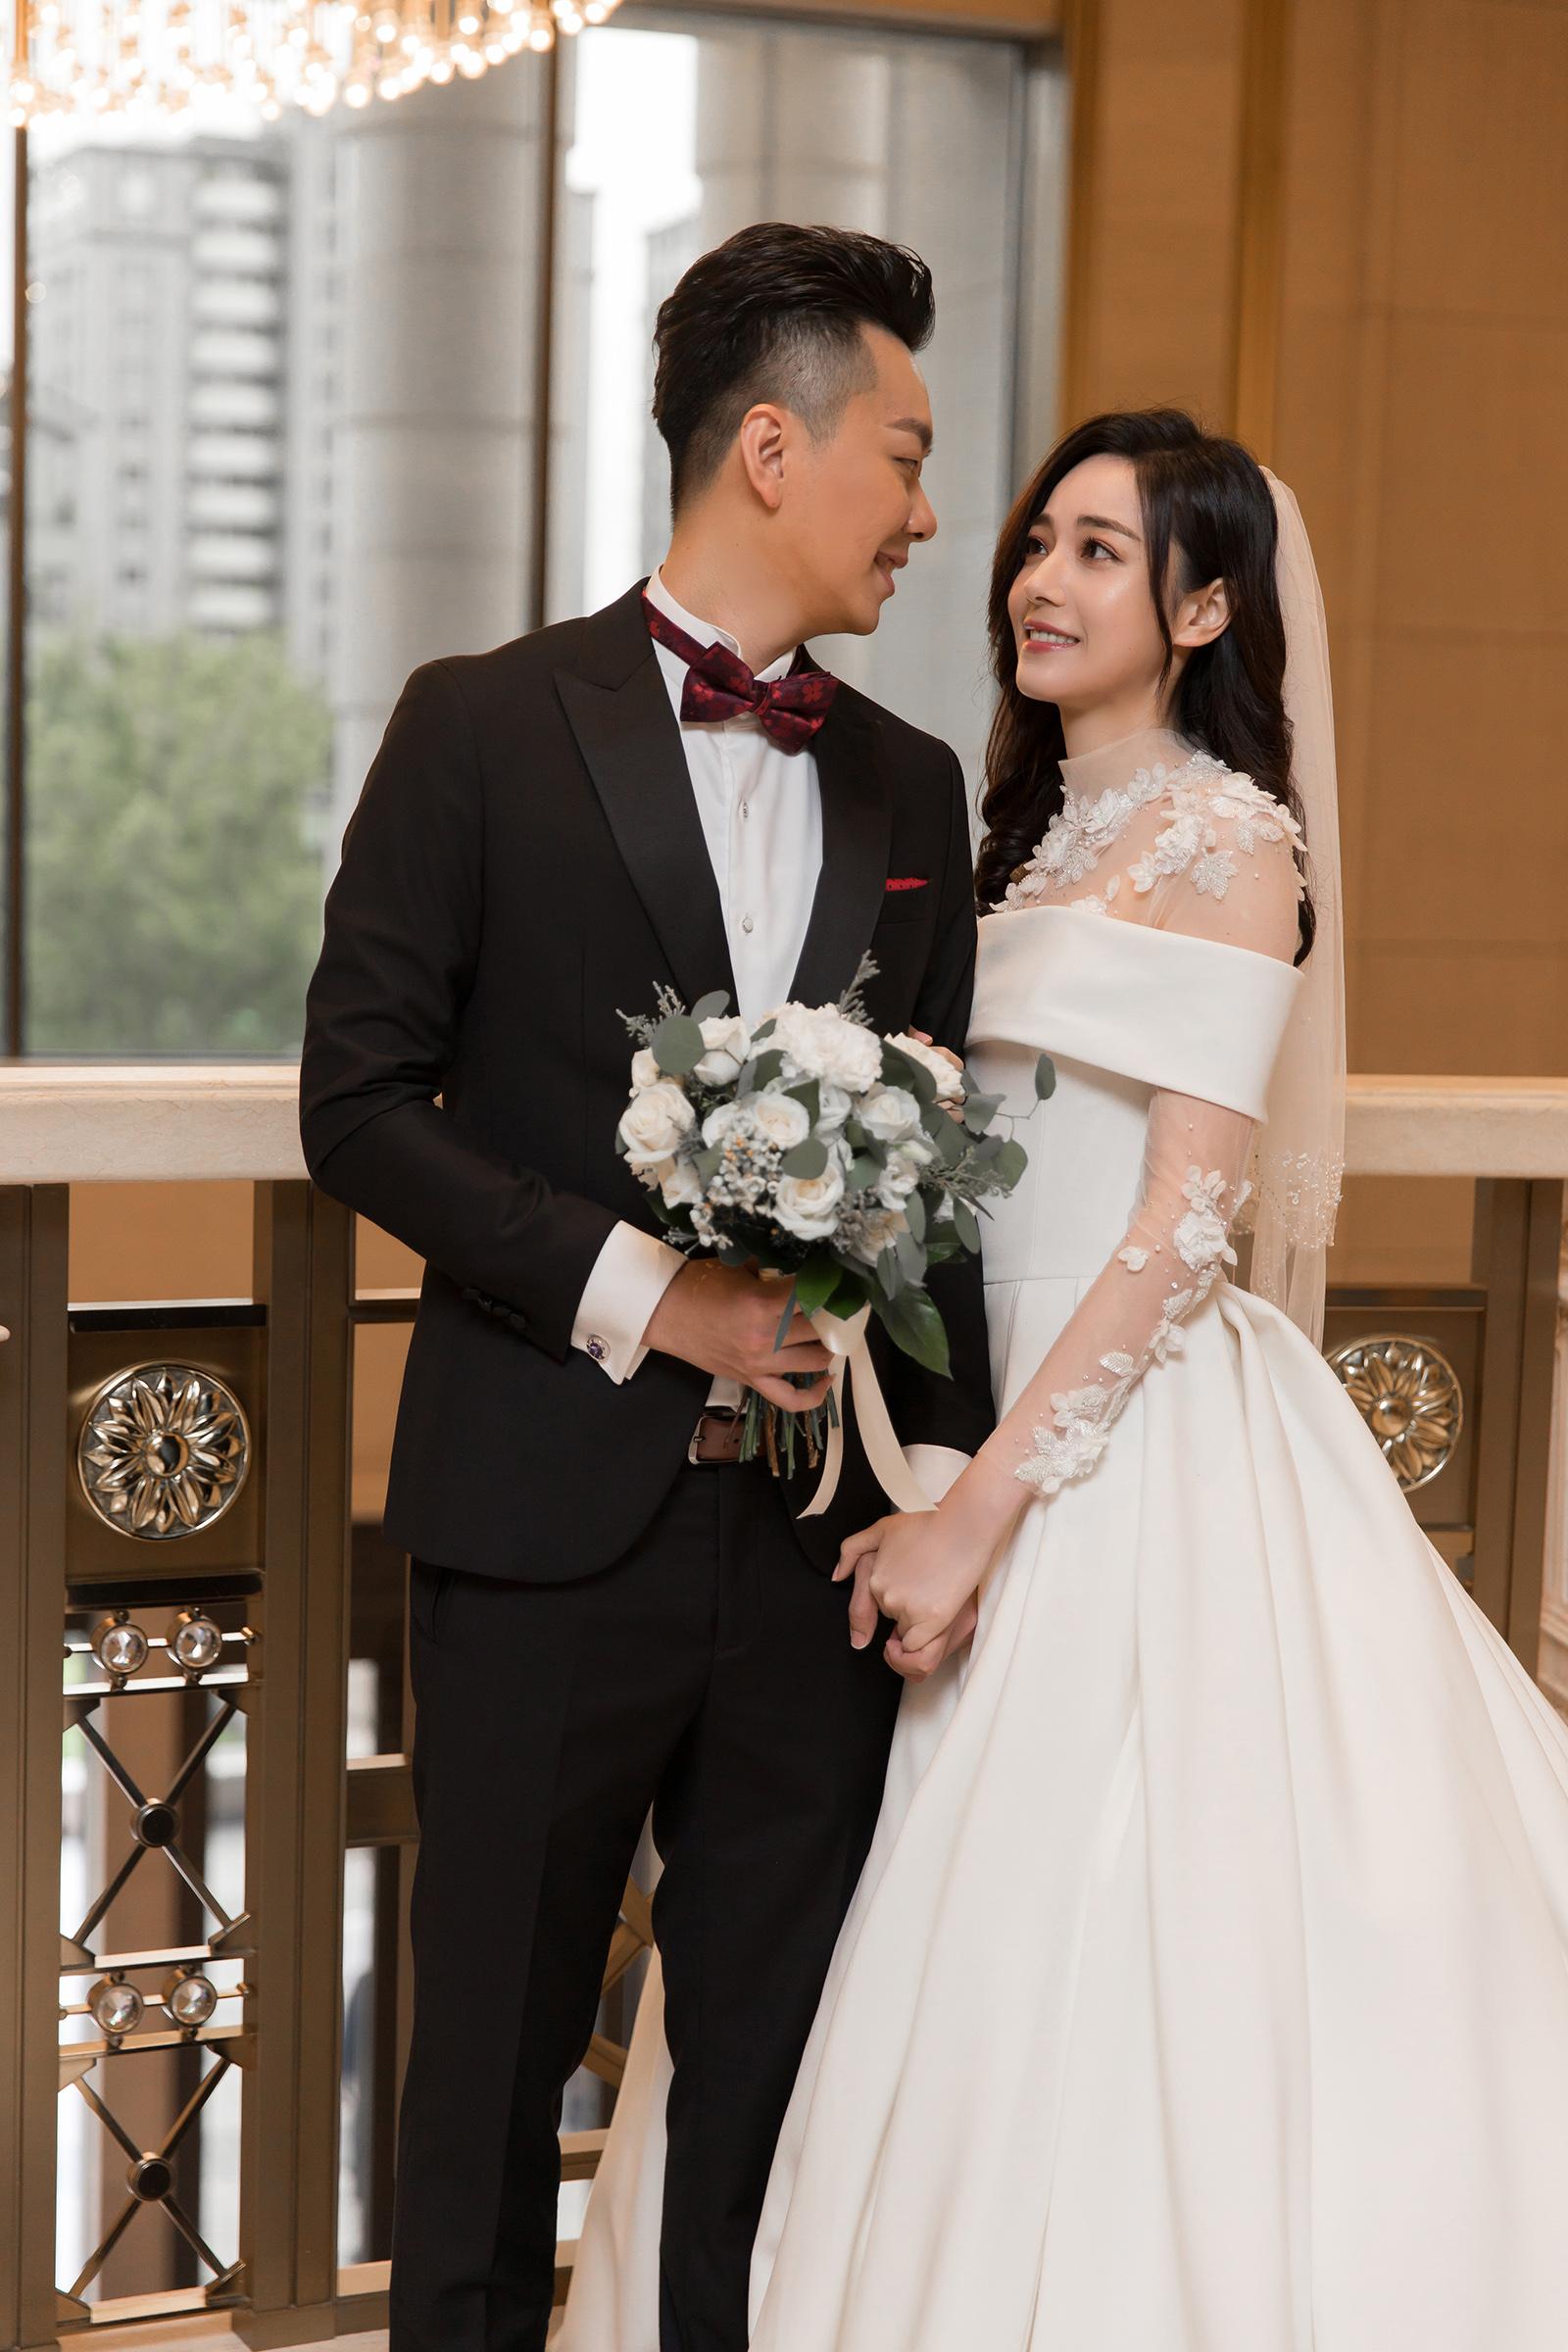 新秘Yuki, 新娘秘書, 新秘, 新娘造型, 白紗造型, 新秘推薦, 優雅風造型, 台北新秘, 進場造型, 美福飯店婚宴, 蘇菲雅婚紗